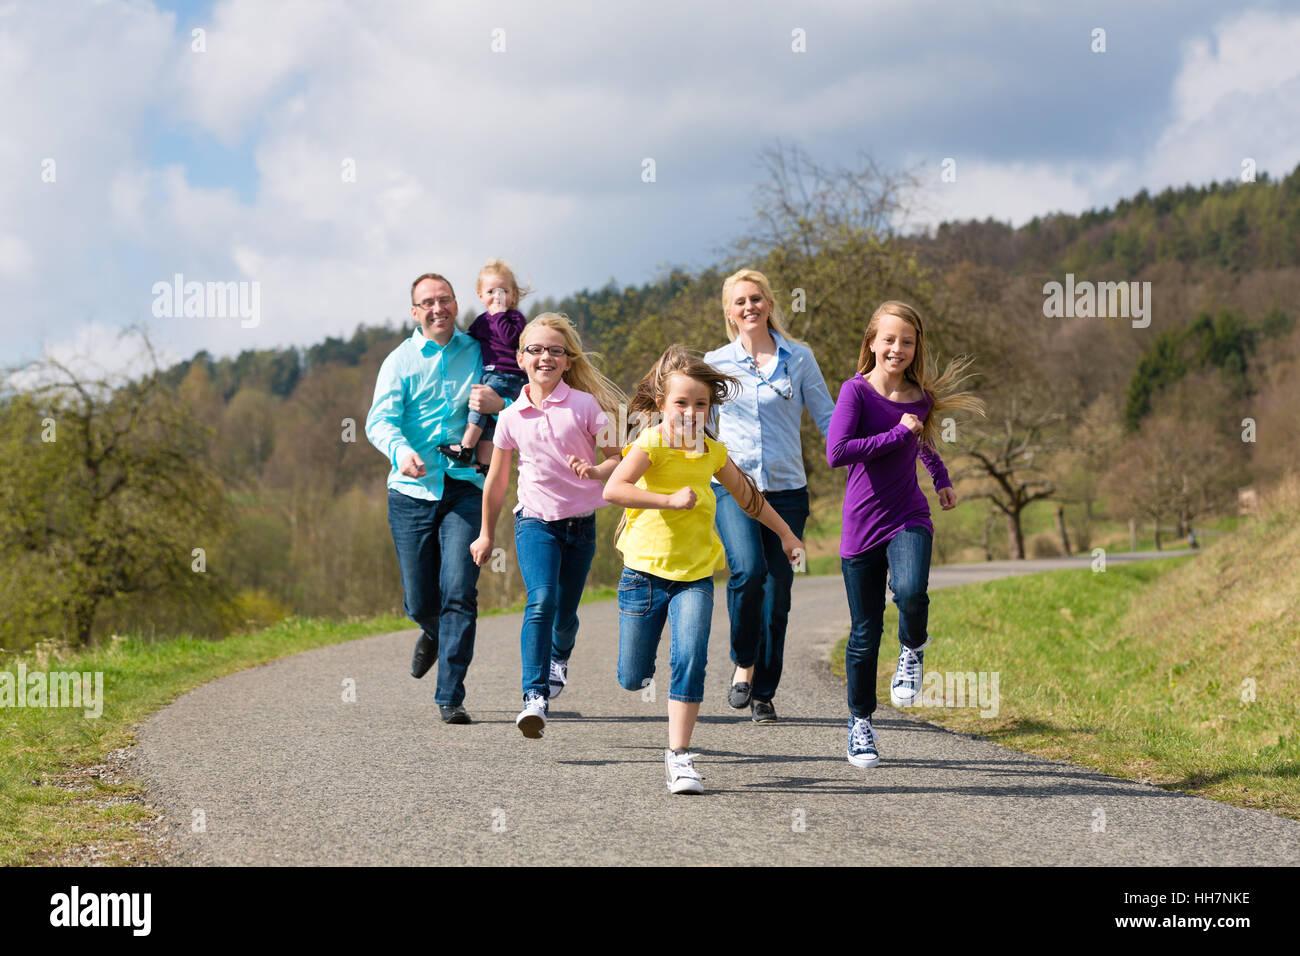 sport sports outdoor jogging jog run running runs familiy